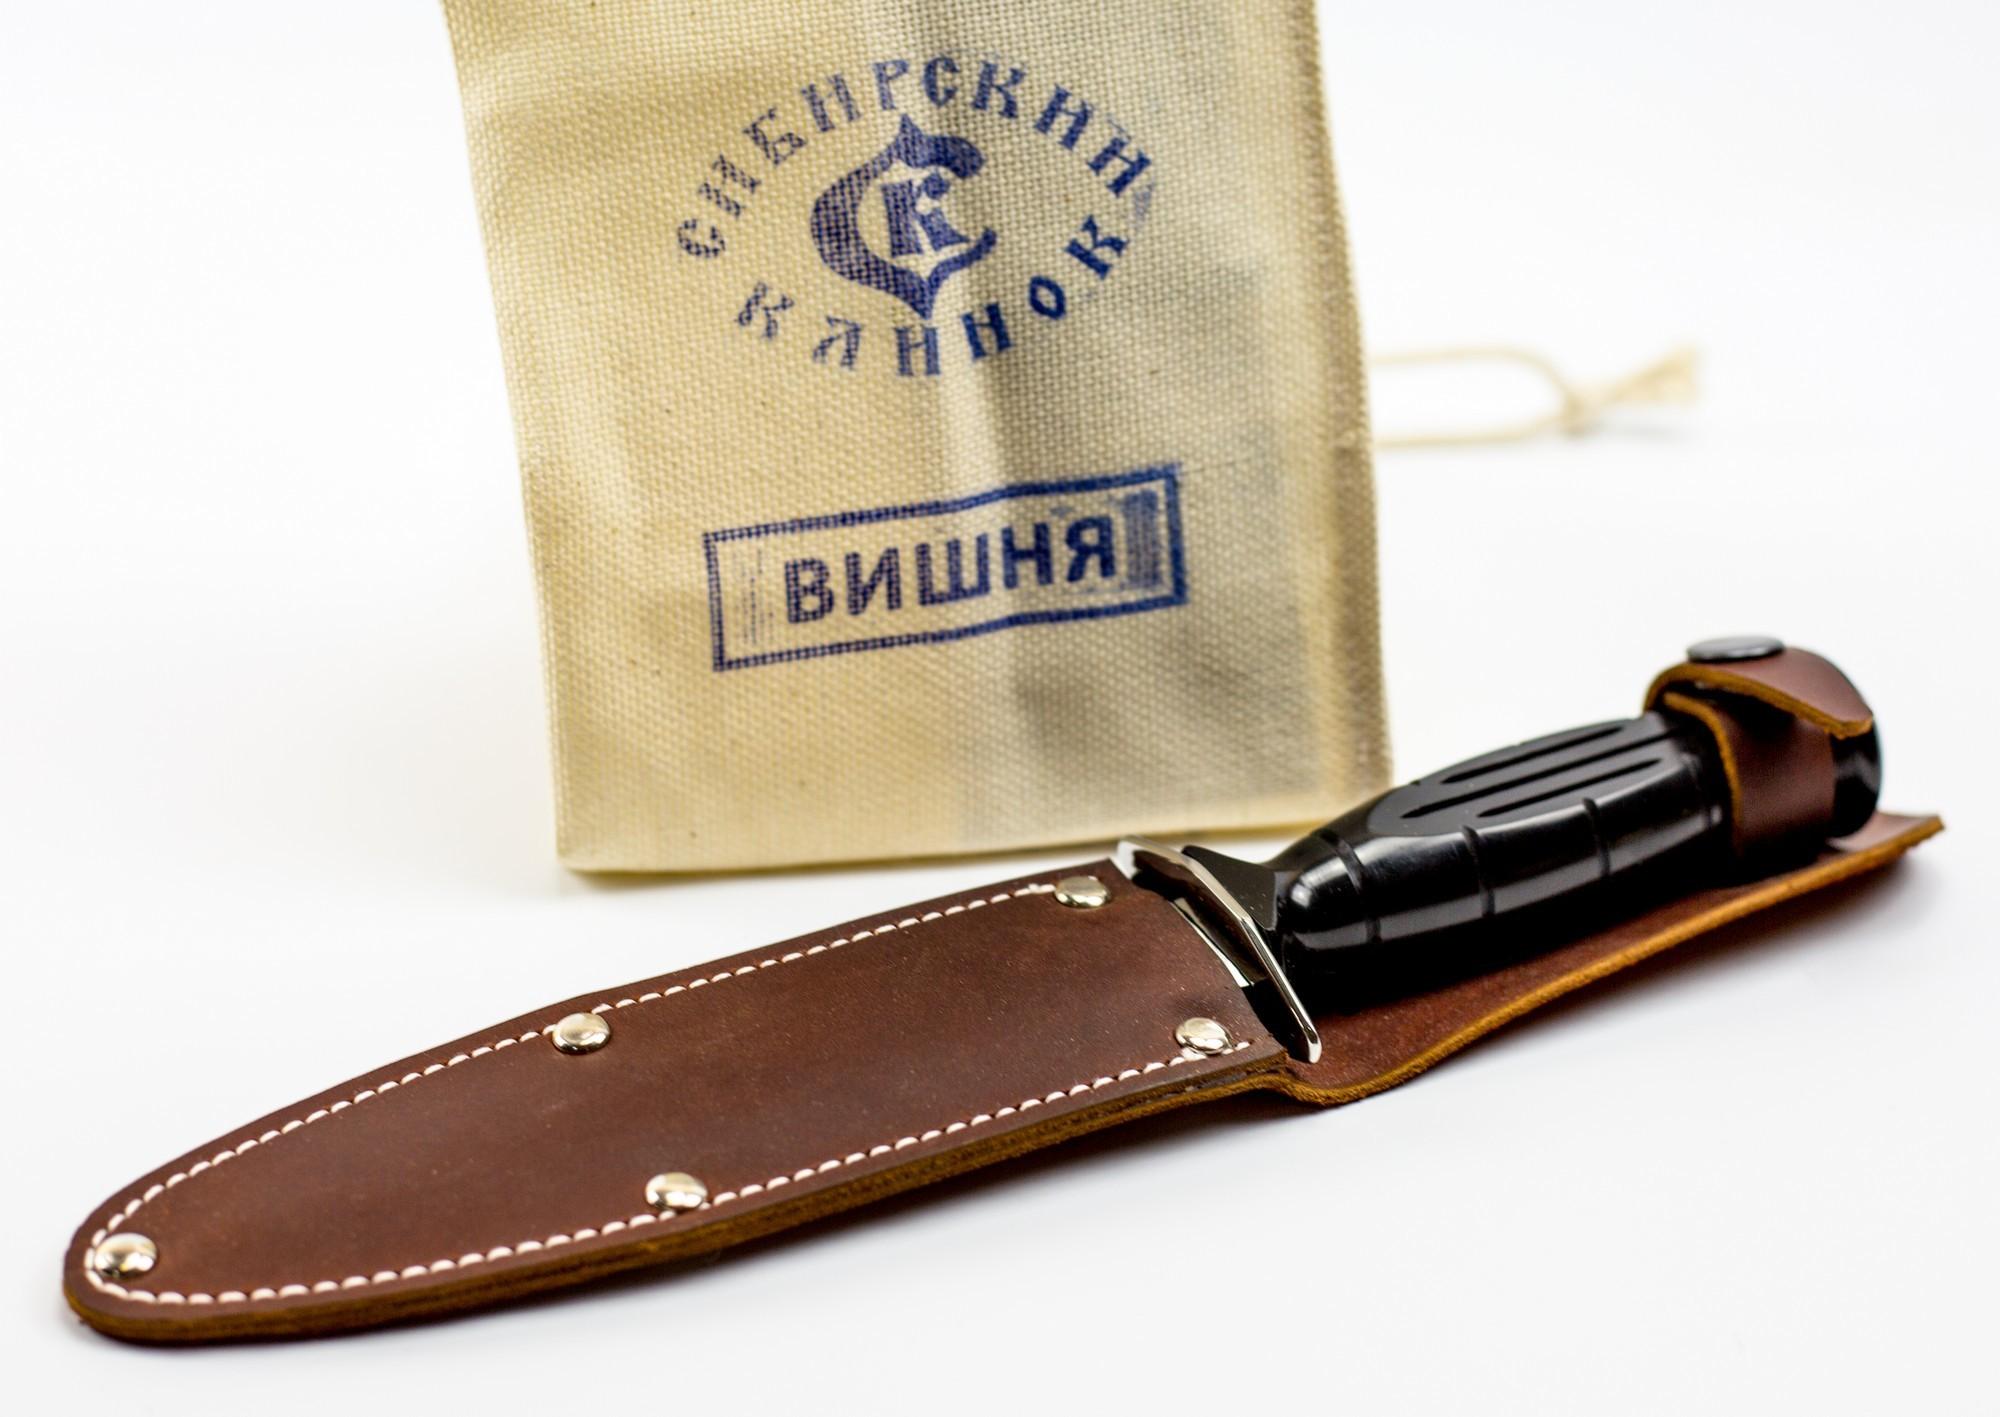 Фото 4 - Нож НР-43 Вишня, черная от Сибирский клинок